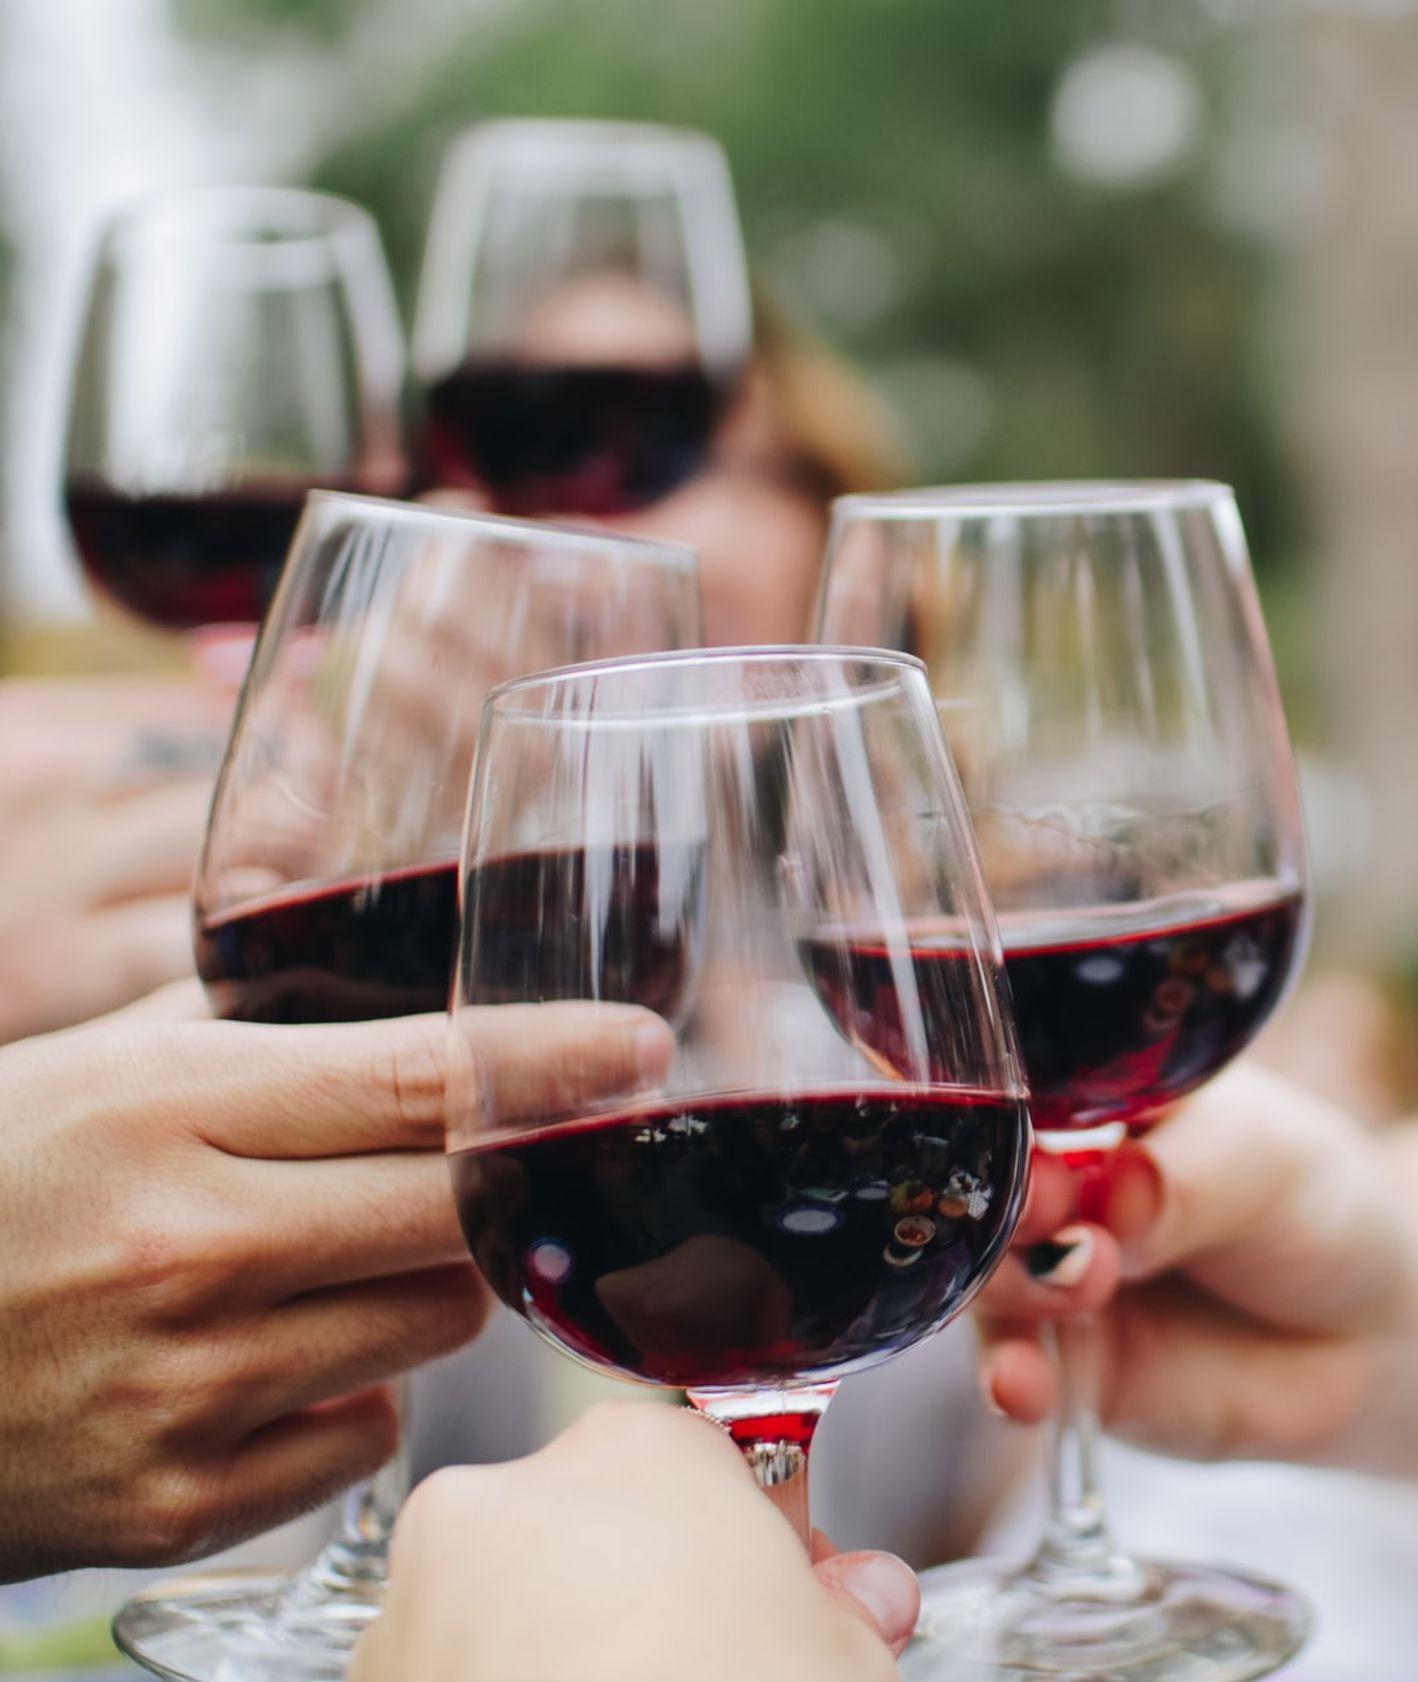 Kieliszki z winem, spotkanie ze znajomymi, czerwone wino (fot. Kelsey Knight / unsplash.com)